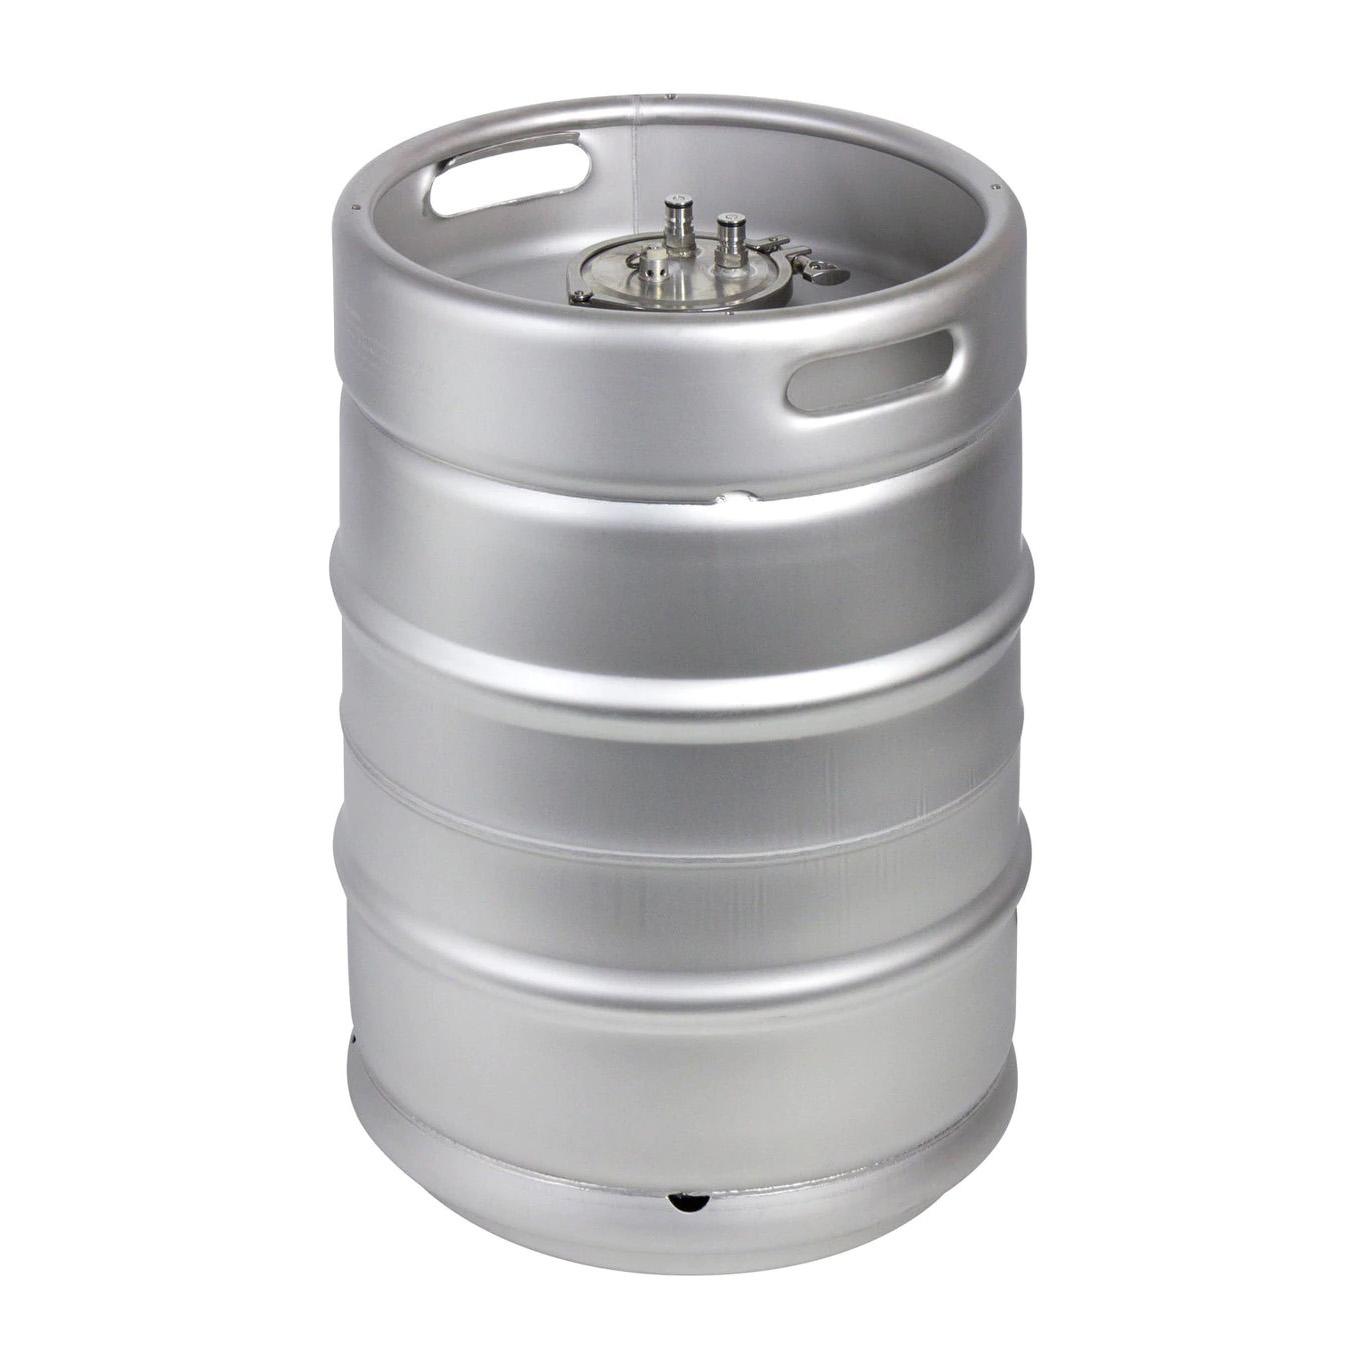 Dos Equis Beer Keg